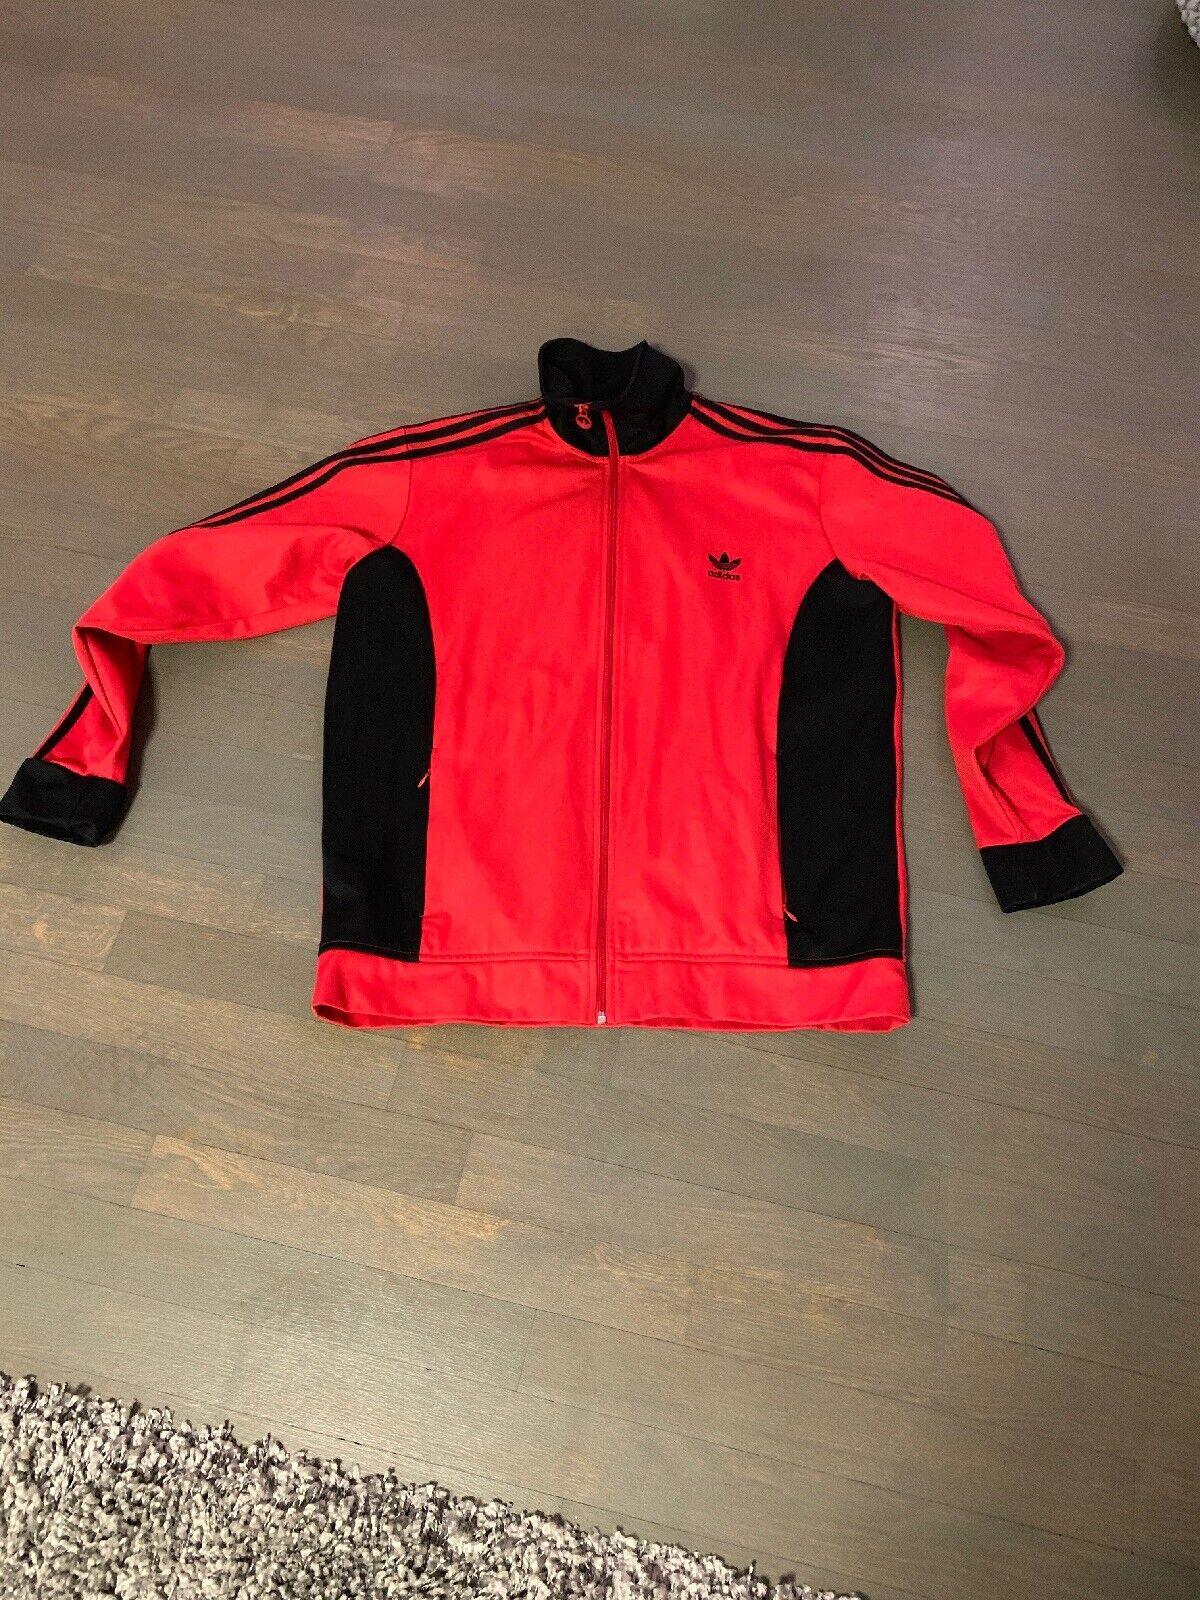 Adidas Originals  Jacke Herren  Rot-schwarz  Grösse 2xl